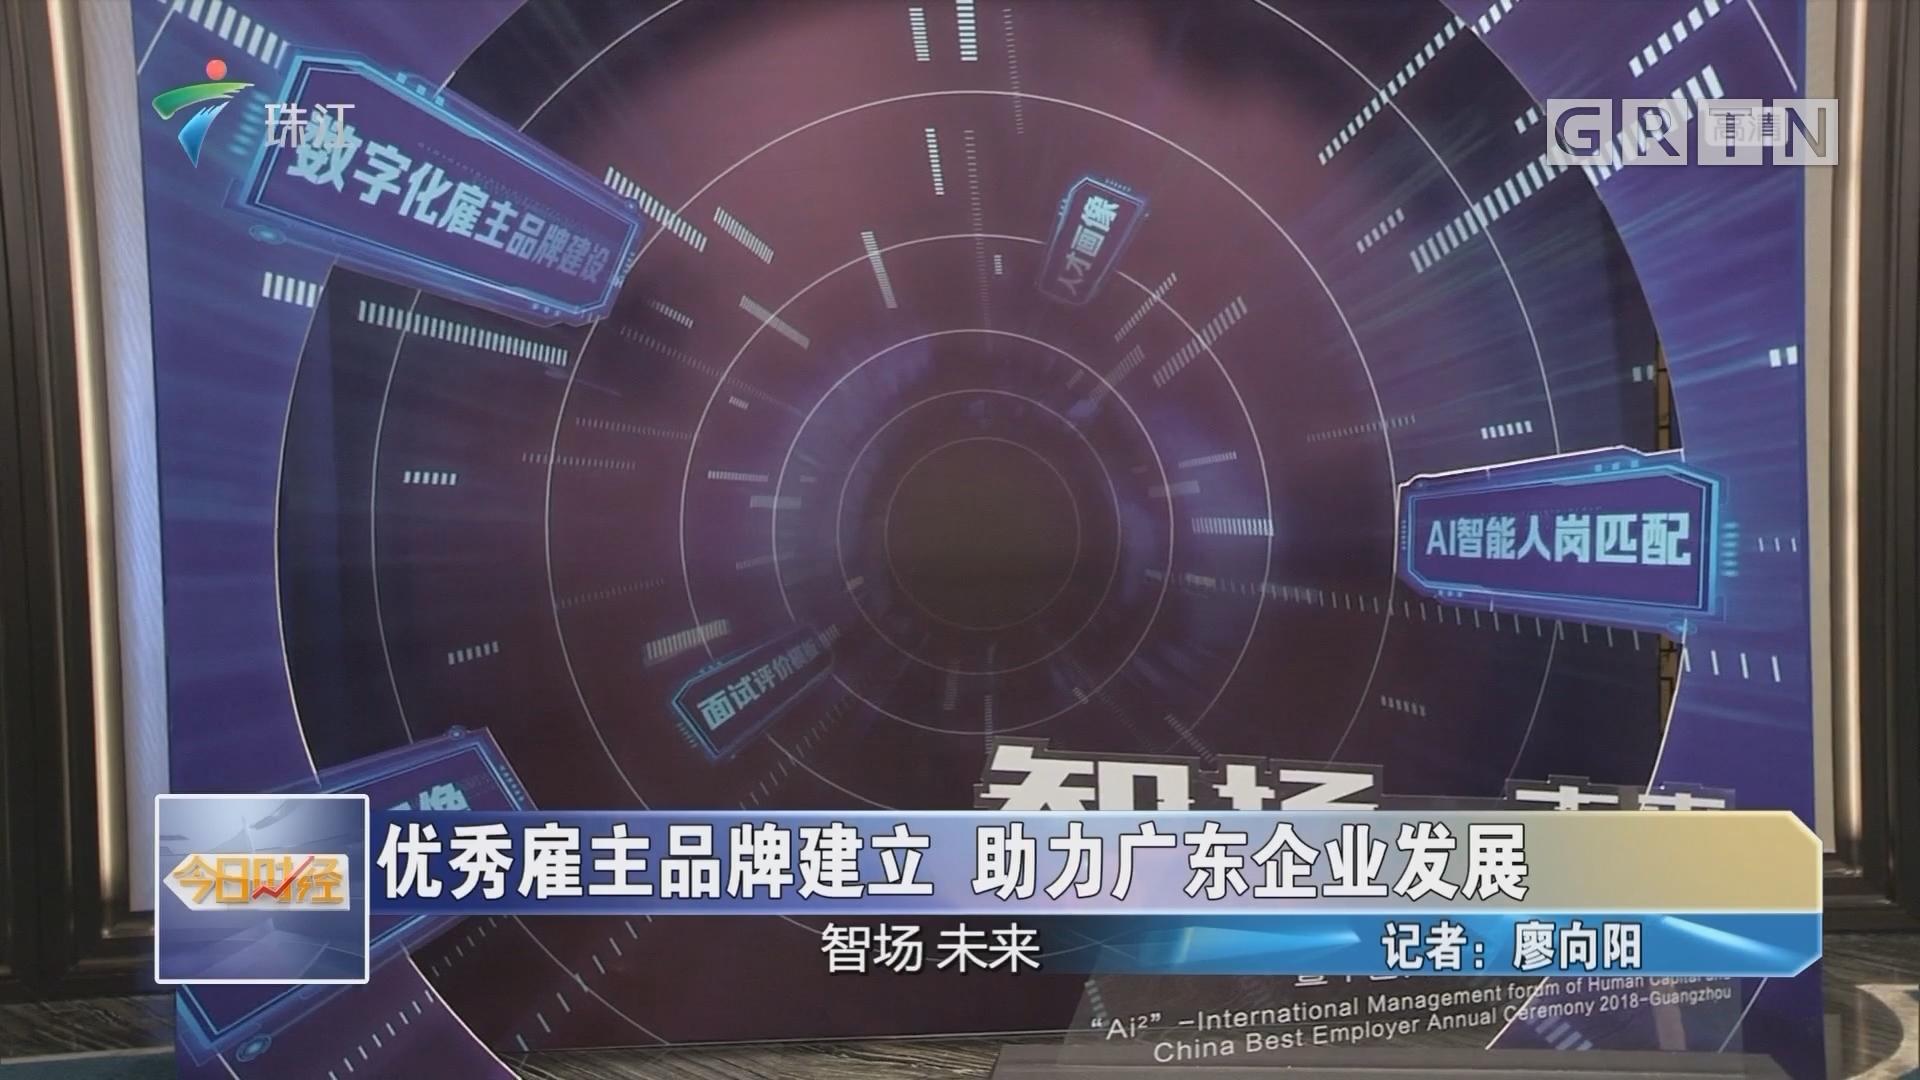 优秀雇主品牌建立 助力广东企业发展